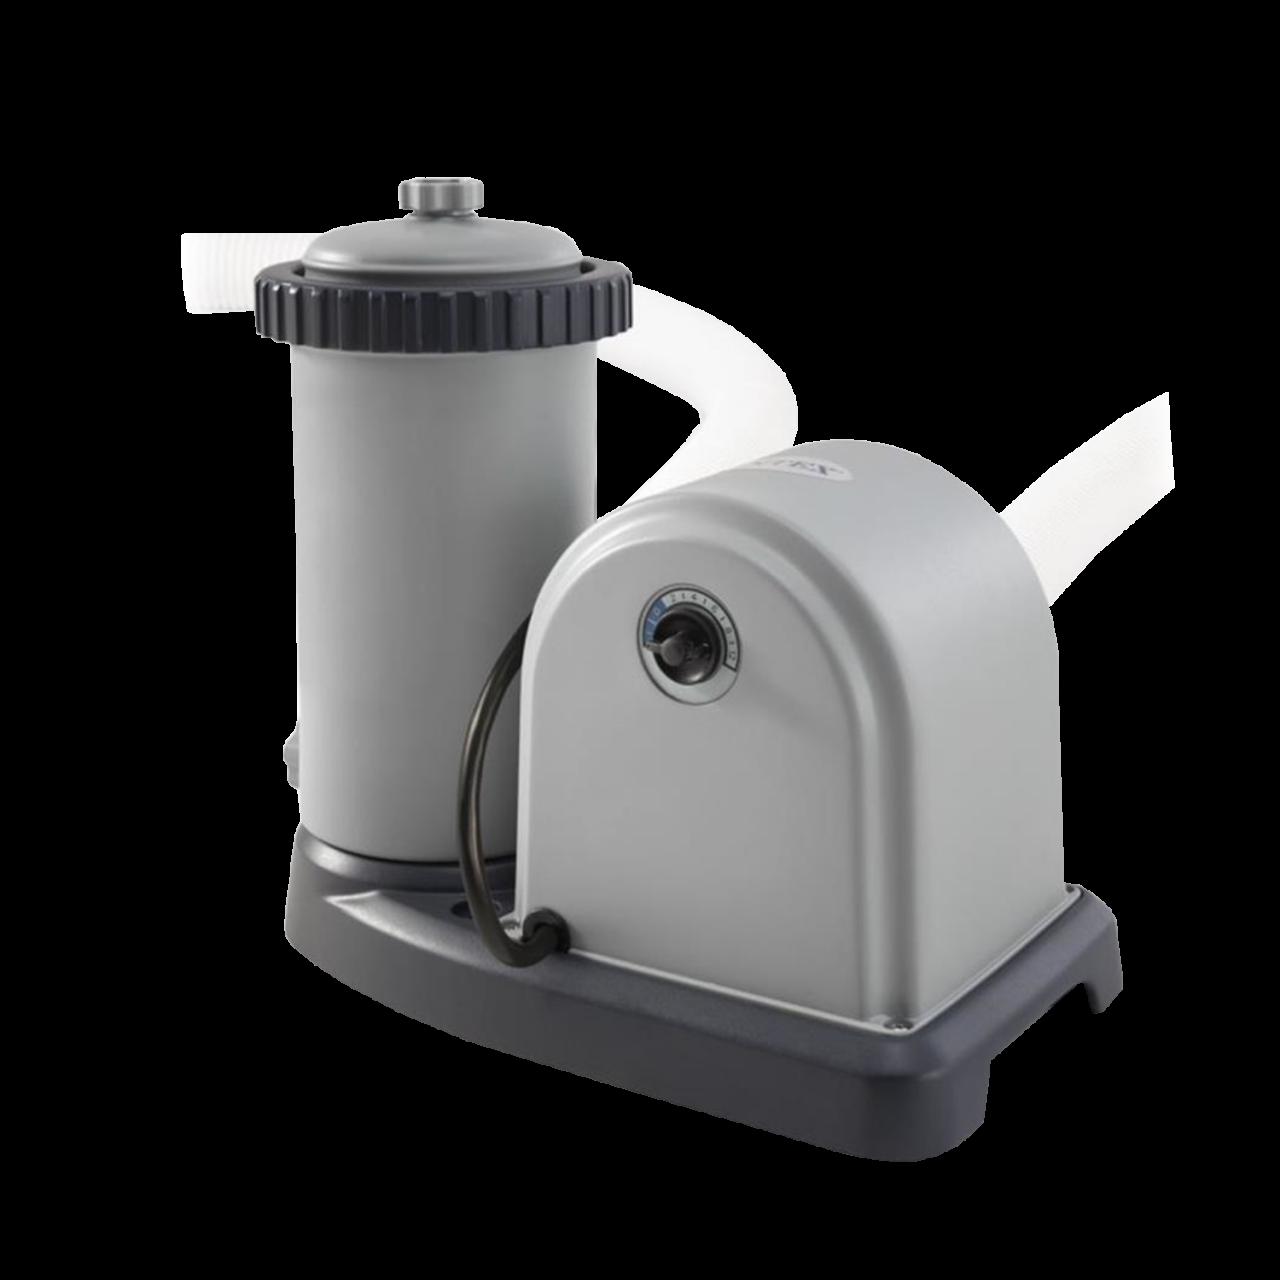 Intex 28636 Pool Filterpumpe 5678 l/h Schwimmbad Pumpe Filteranlage +1 Kartusche